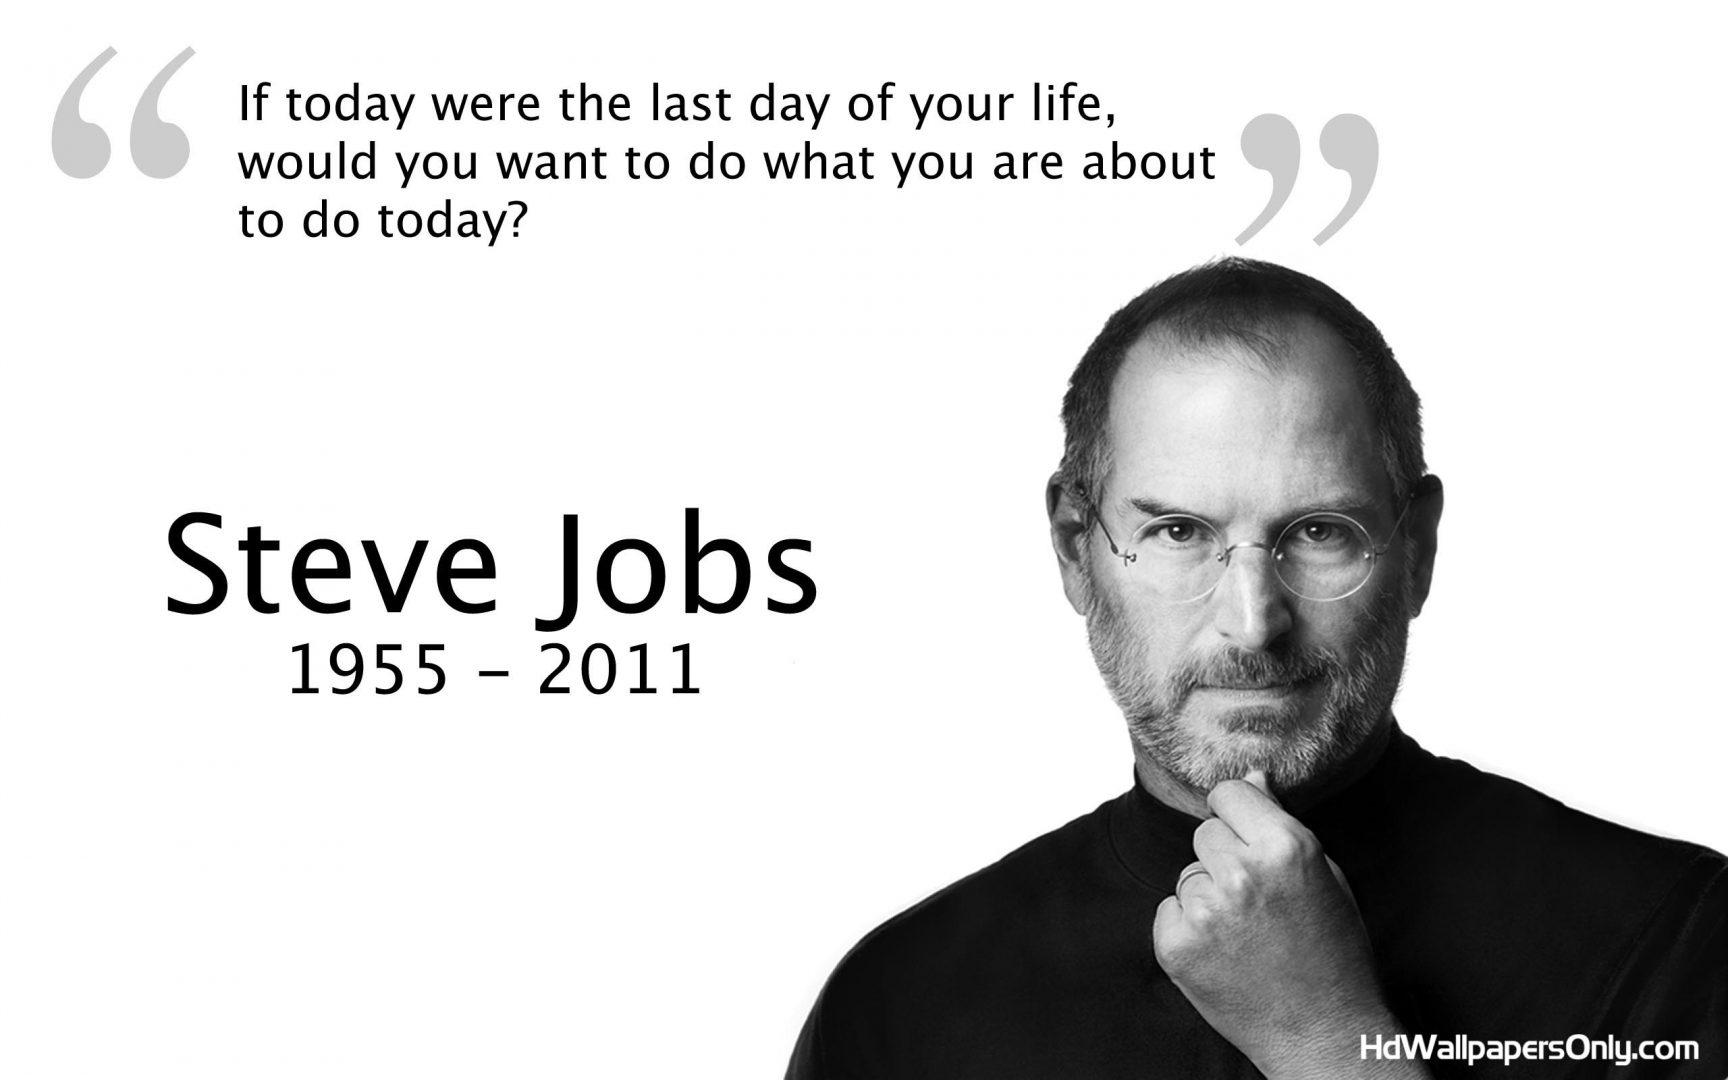 Steve Jobs Quotes Wallpaper Hd